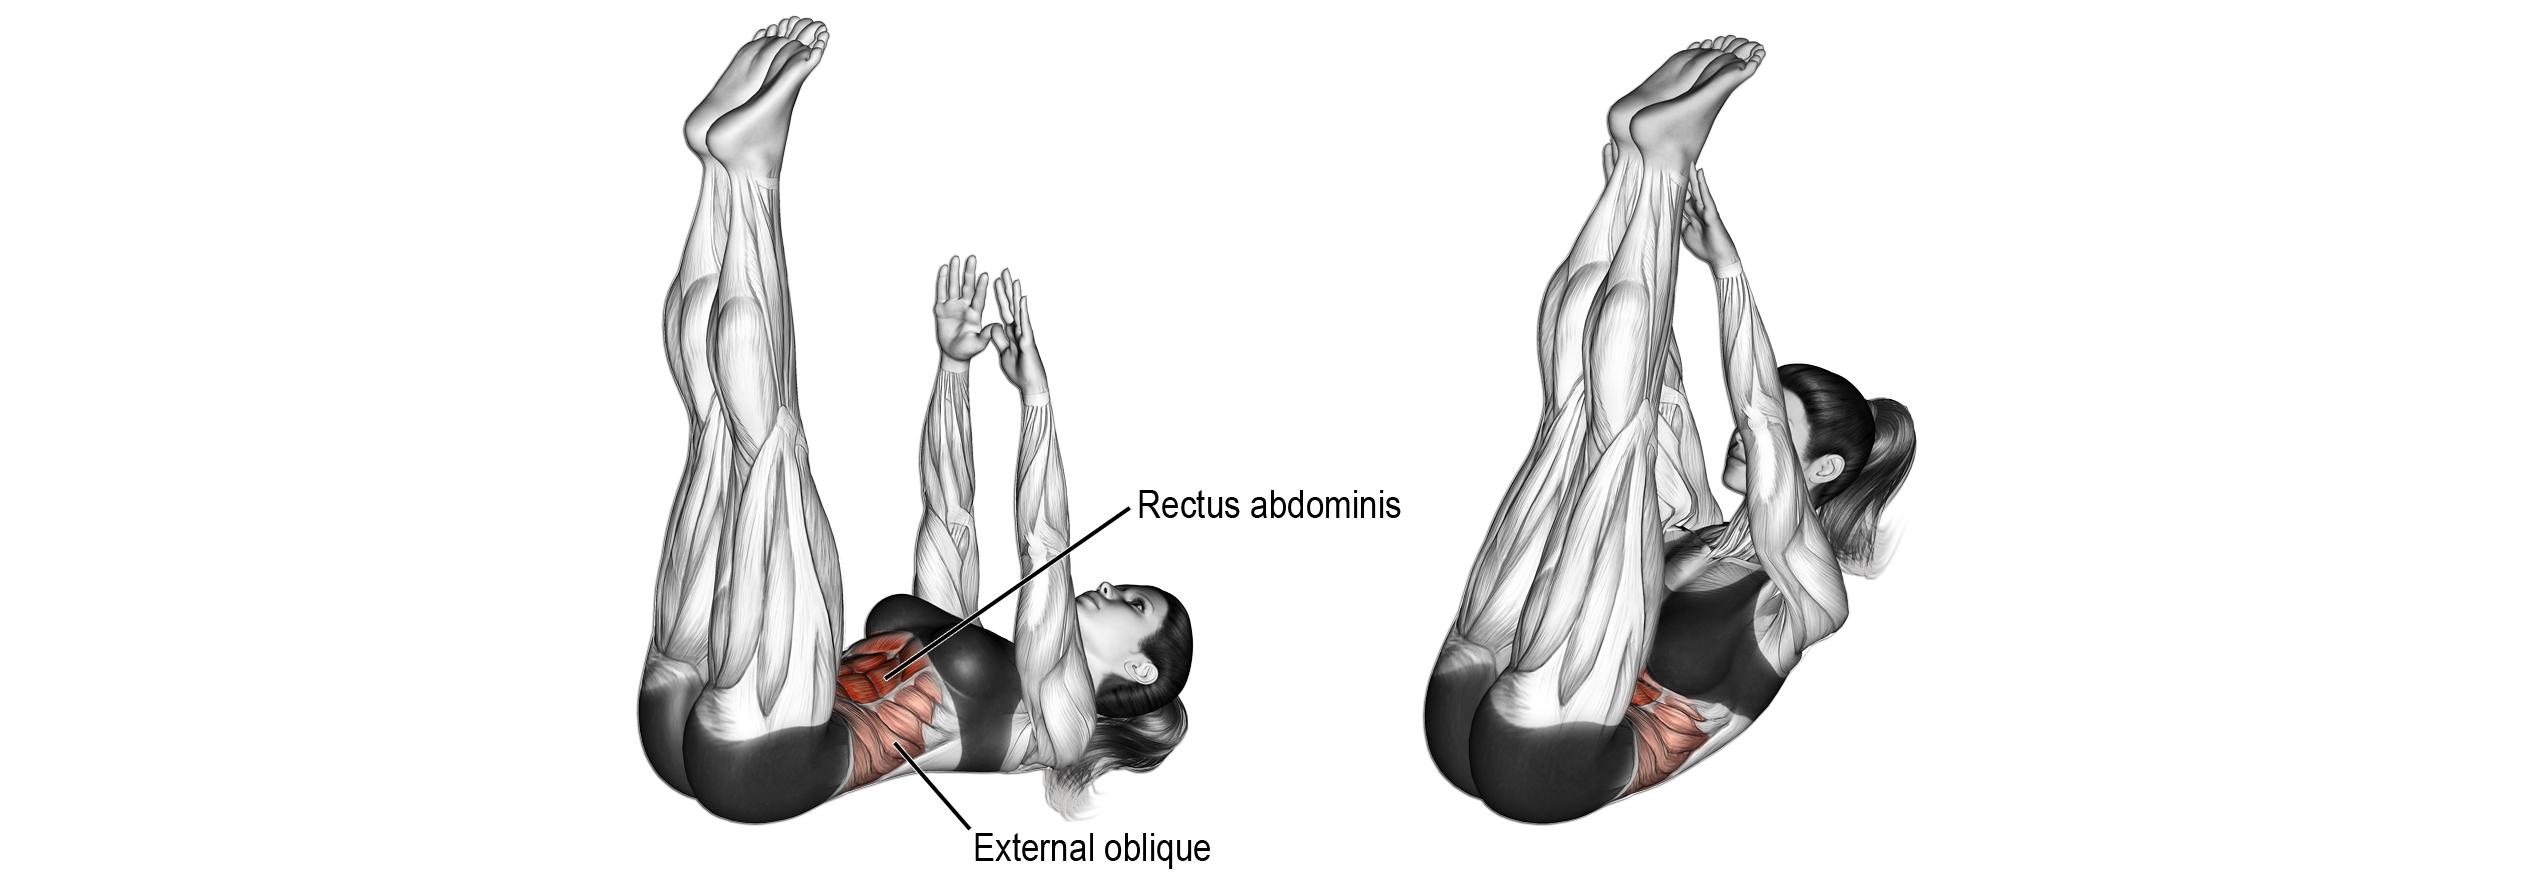 Wszelkiego rodzaju spięcia korpusa to dobrze ćwiczenia na mięśnie brzucha